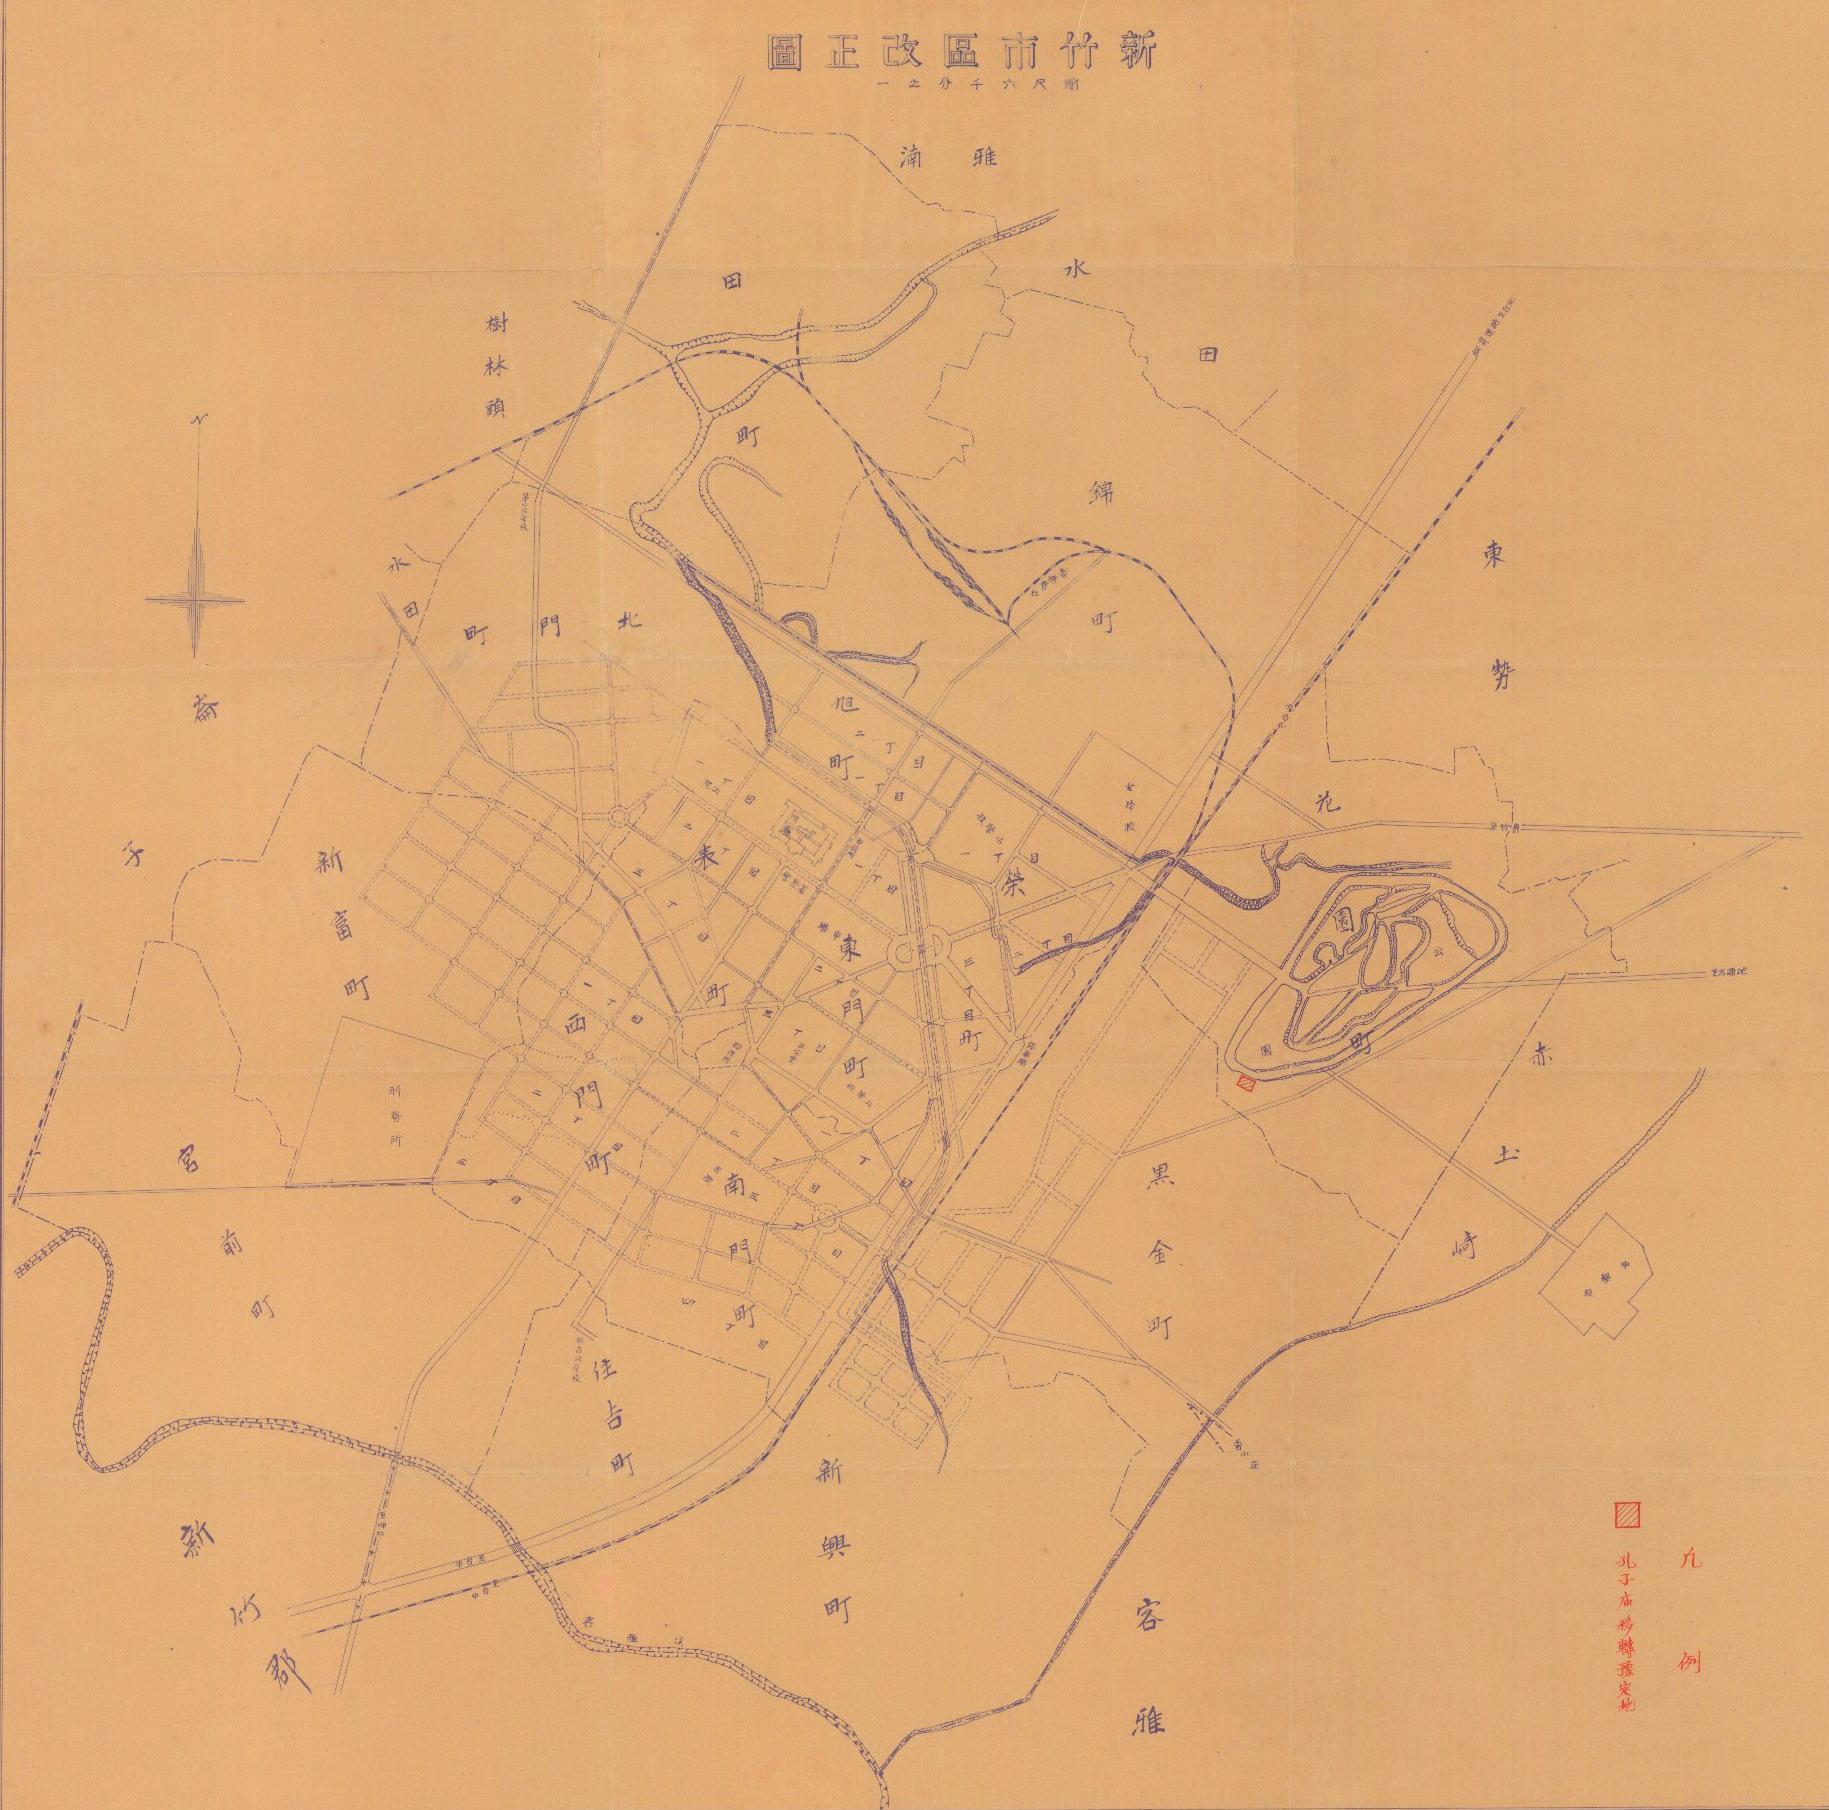 新竹市區改正圖